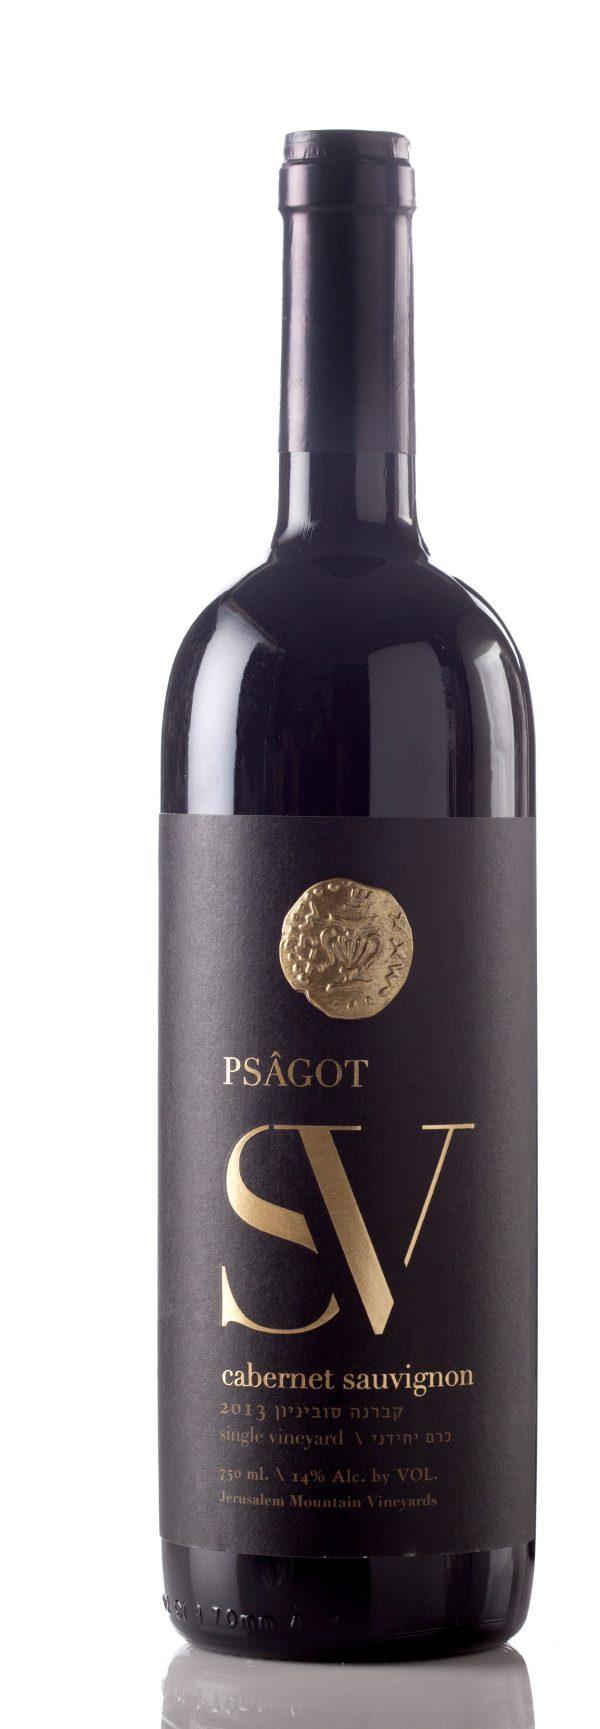 Psagot's Cabernet Sauvignon Single CSSV 2013